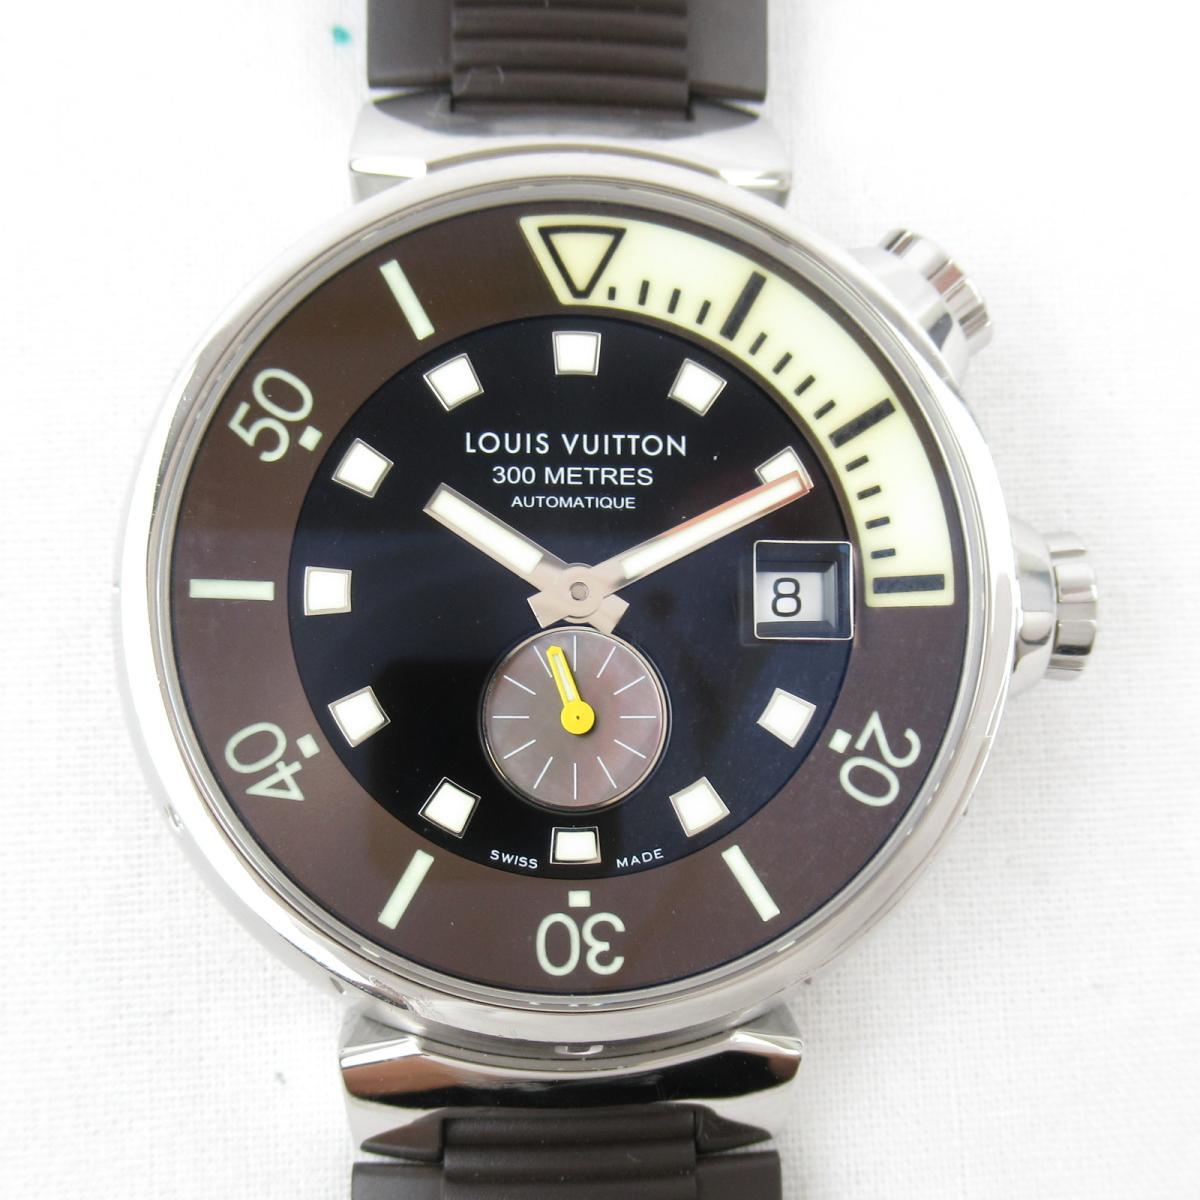 正規品販売! 【】ルイヴィトン (Q1031) タンブールダイビング ウォッチ 腕時計 メンズ ステンレススチール(SS) x ラバーベルト ラバーベルト メンズ (Q1031), コスメの王様:895a07bc --- arg-serv.ru